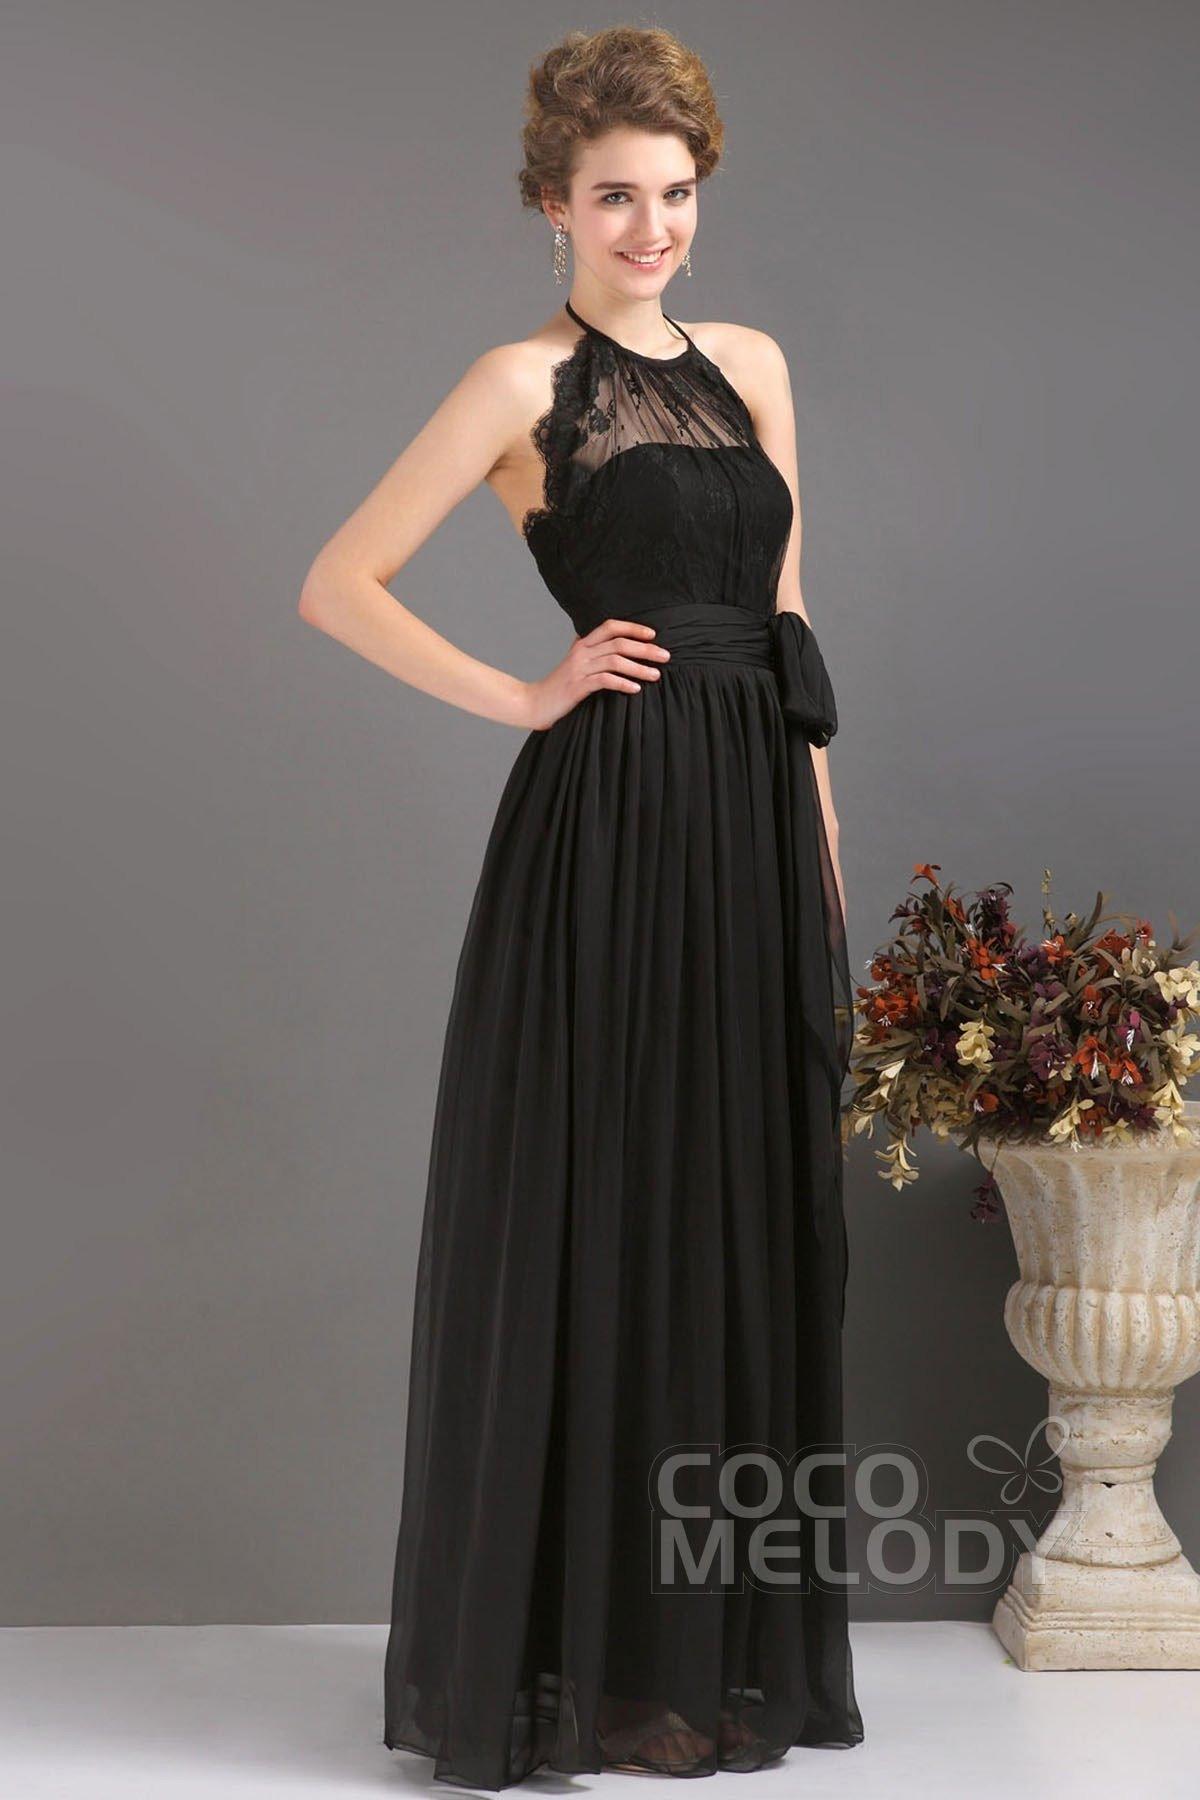 17 Erstaunlich Abendkleider In Schwarz Ärmel20 Elegant Abendkleider In Schwarz Galerie